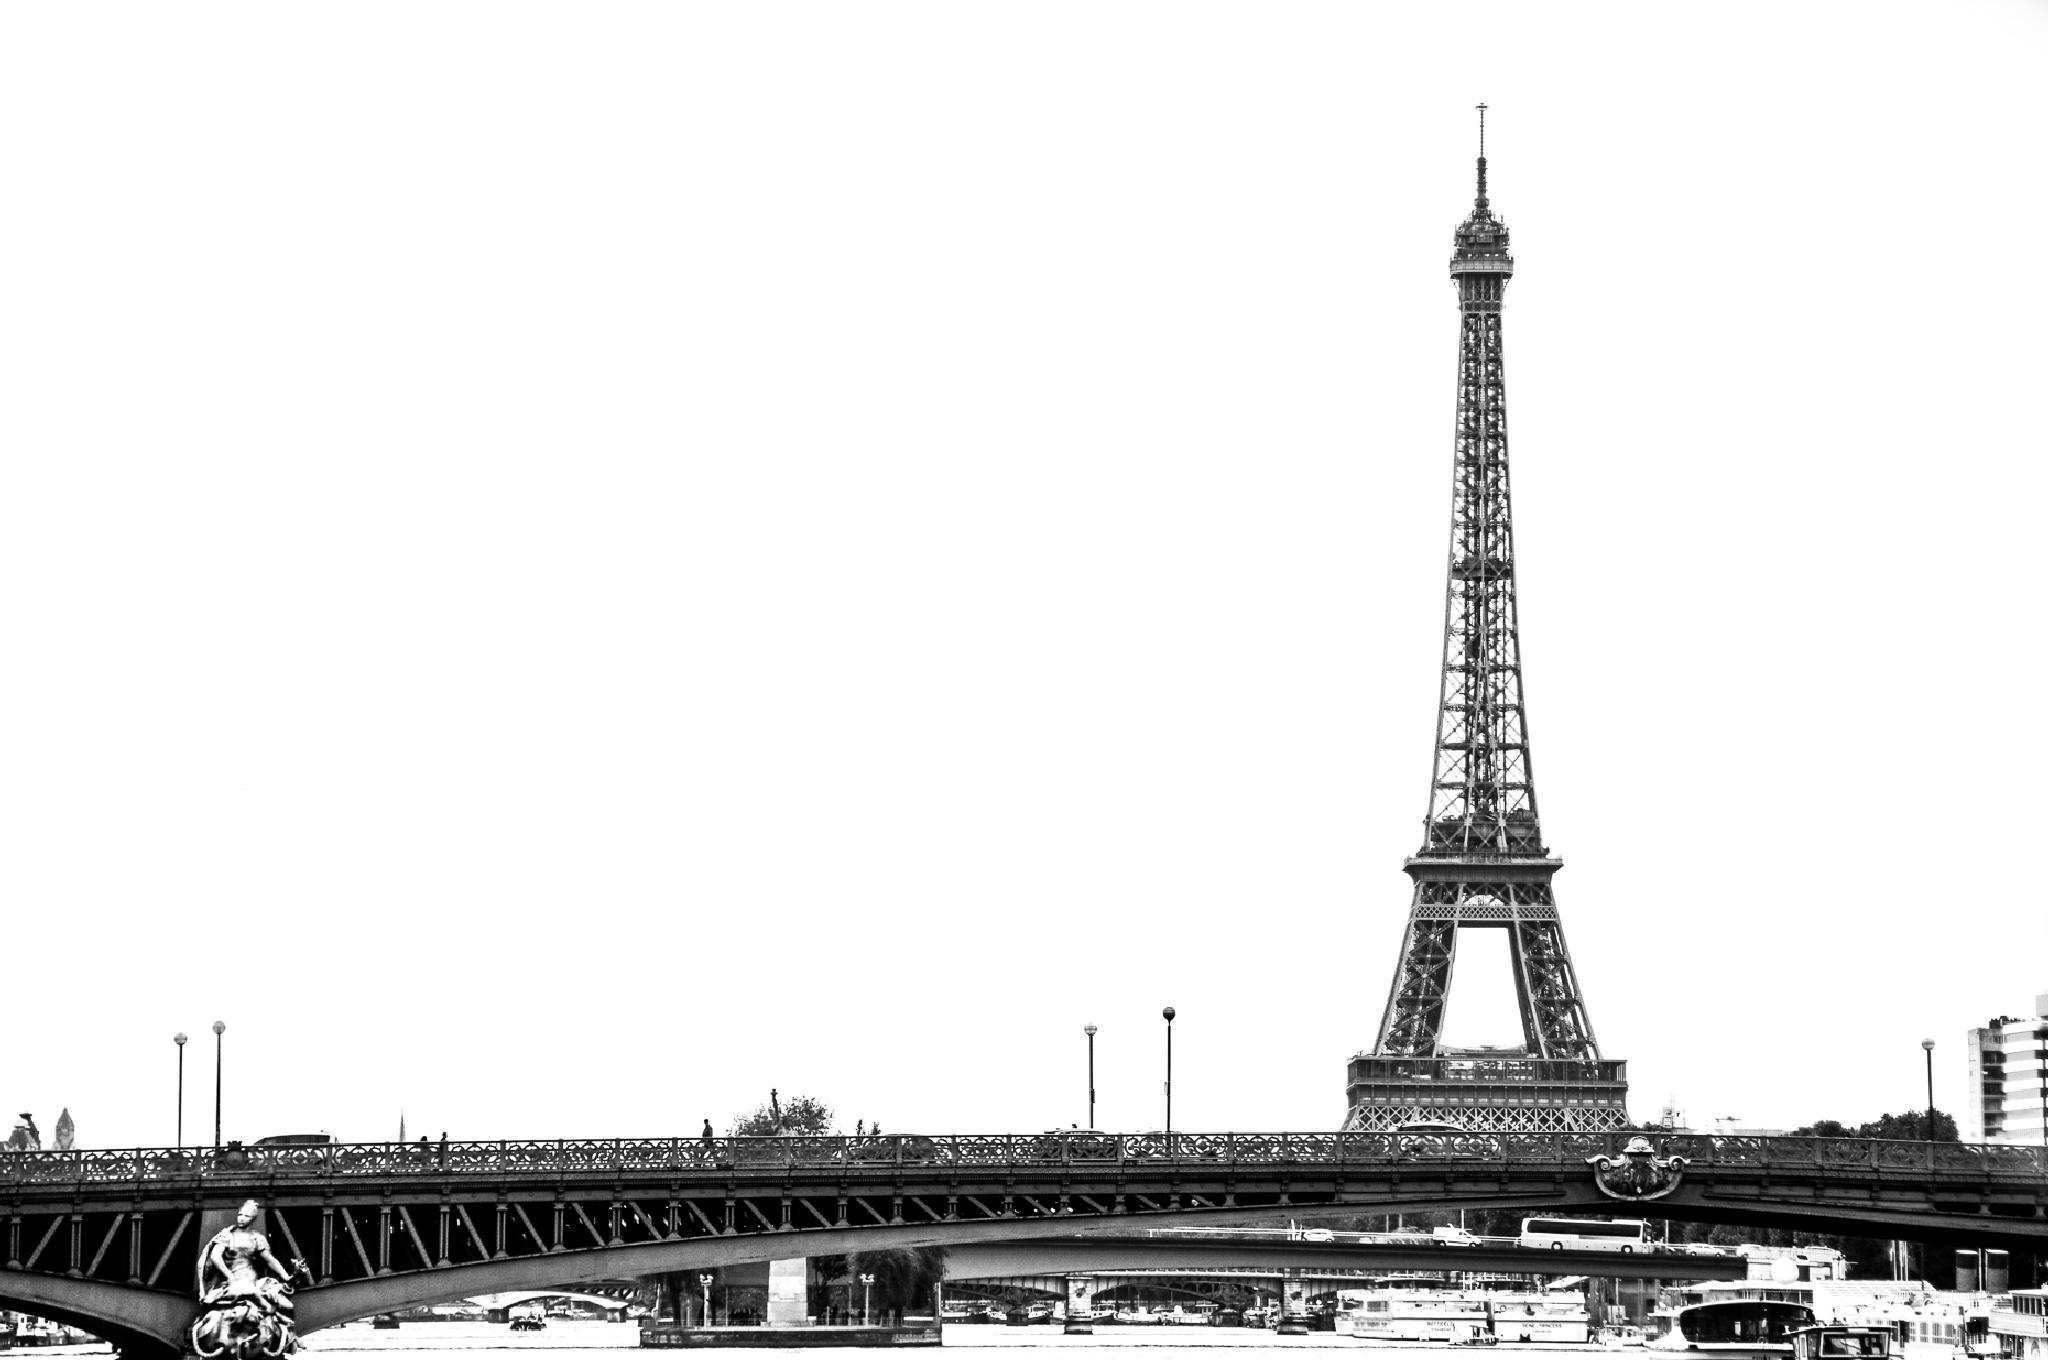 Le Tour Eiffel by JRGt12